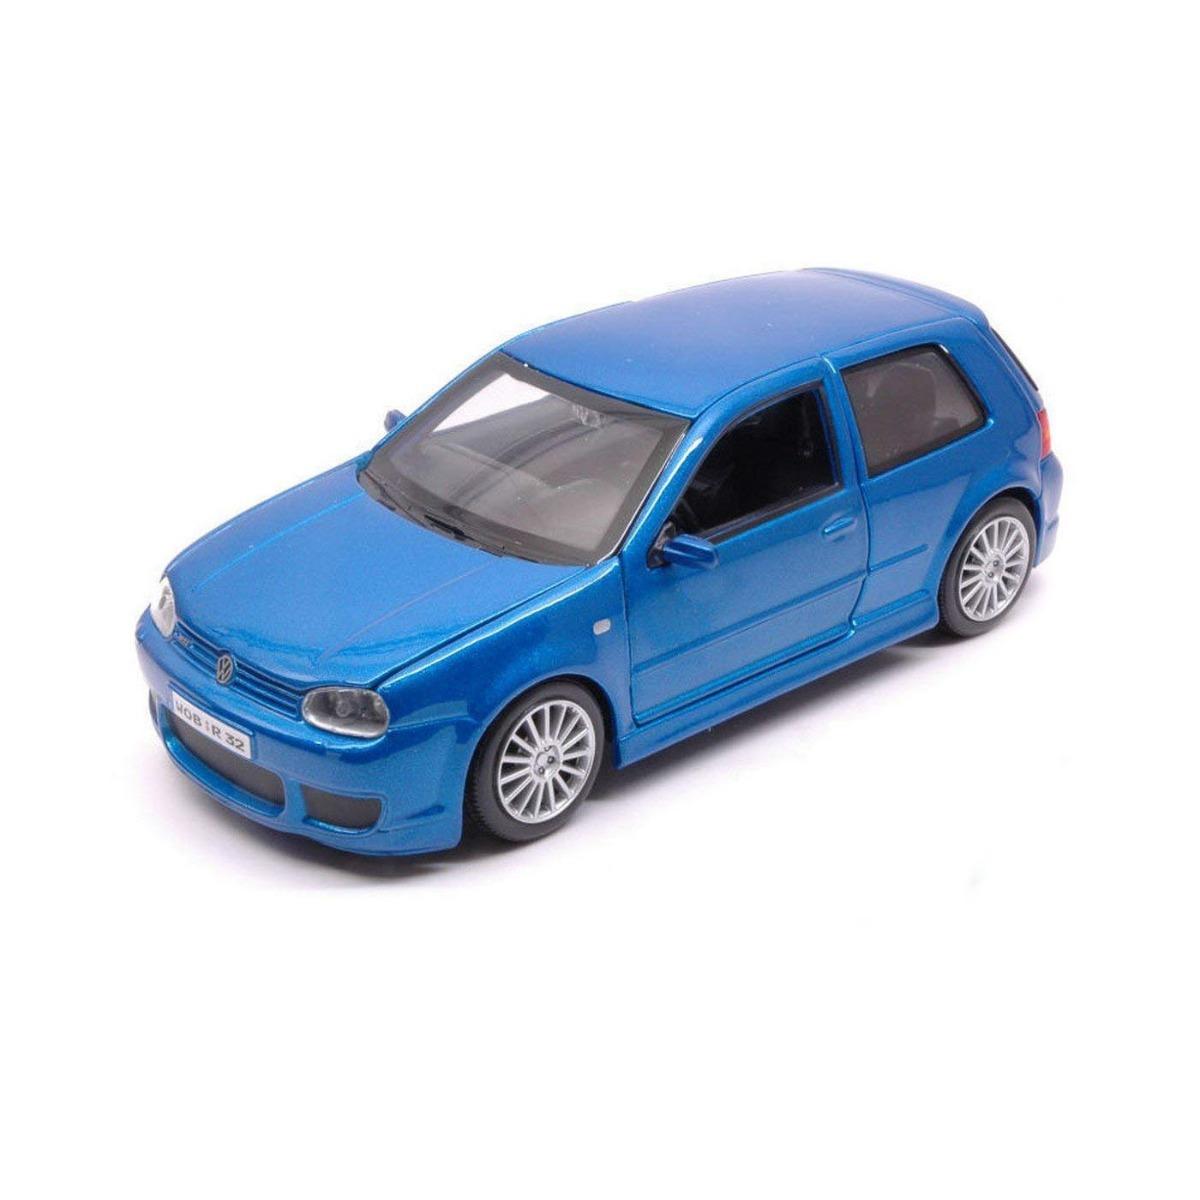 Masinuta Maisto Volkswagen Golf R32 1:24, Albastru